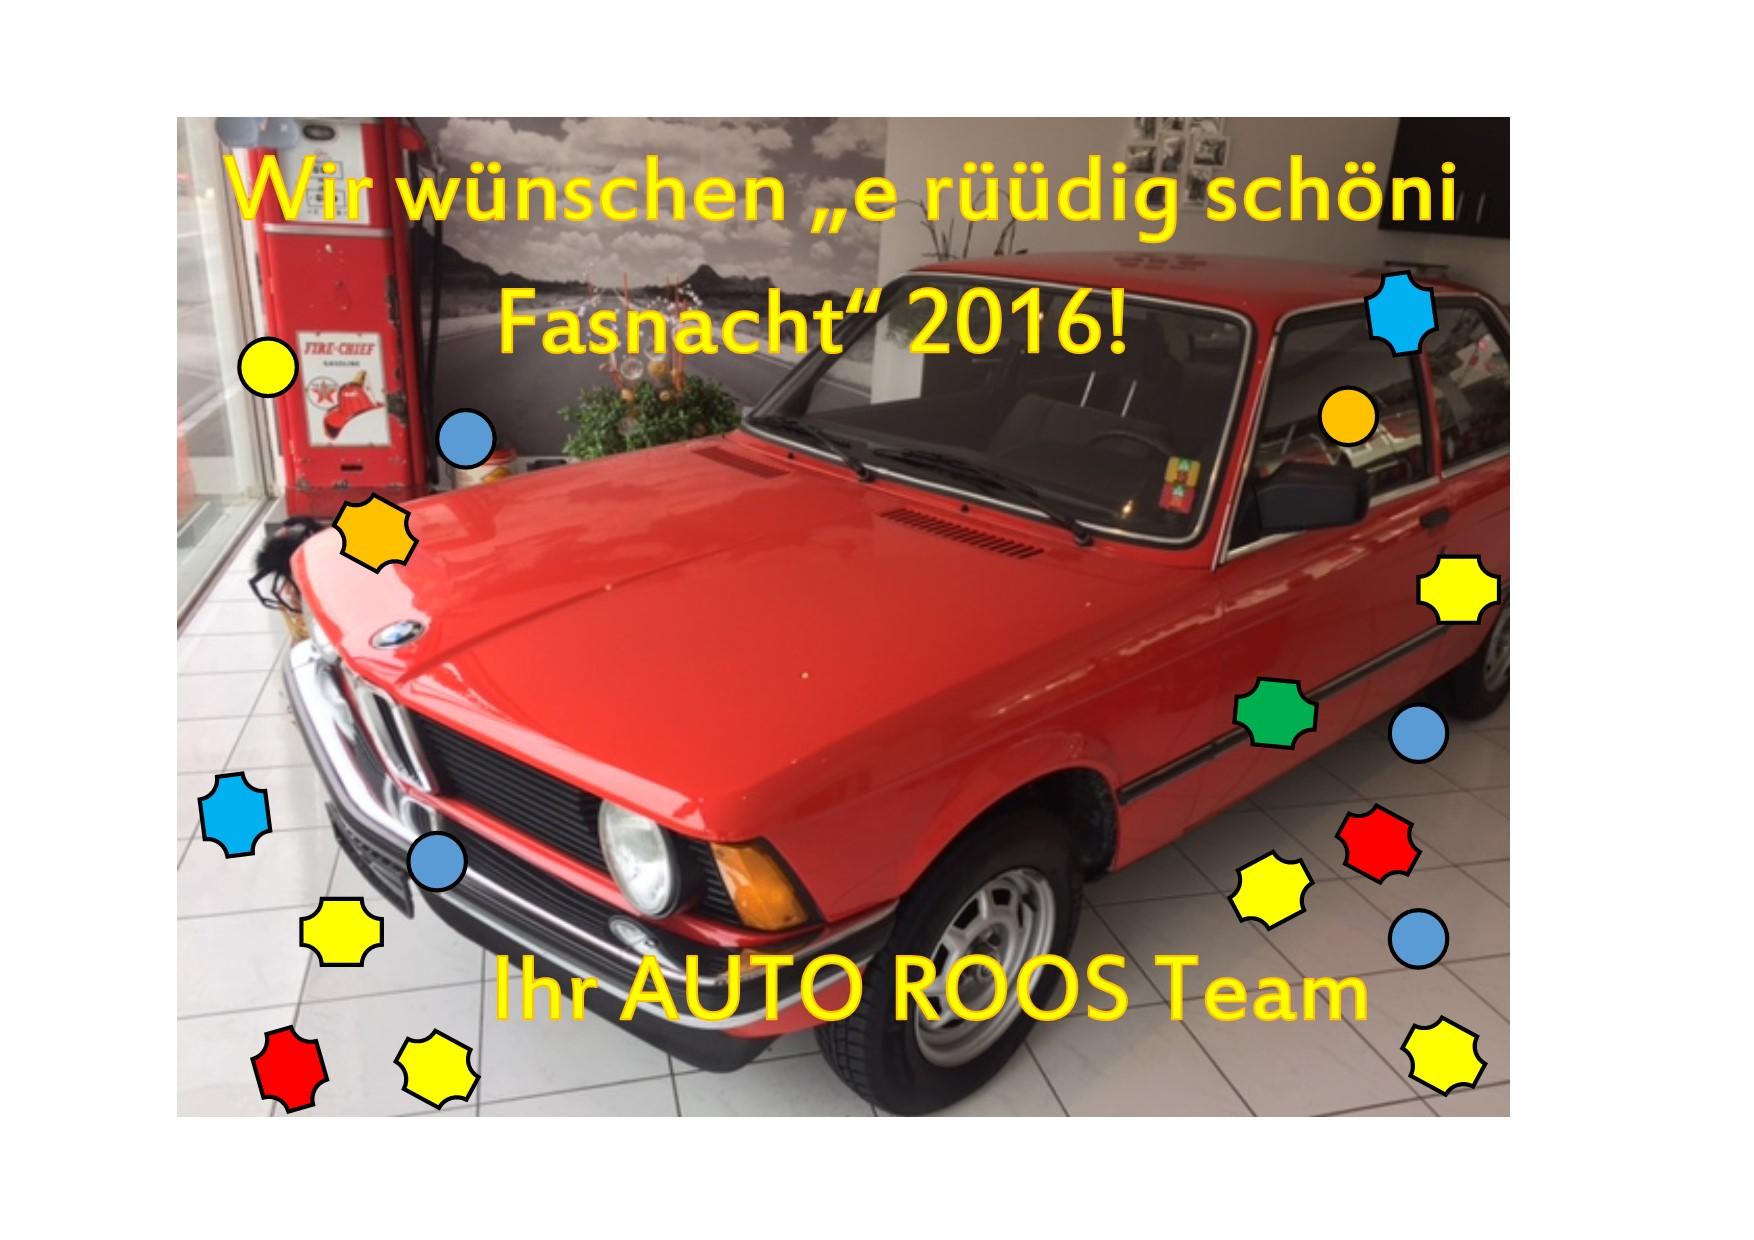 Schöni Fasnacht 2016